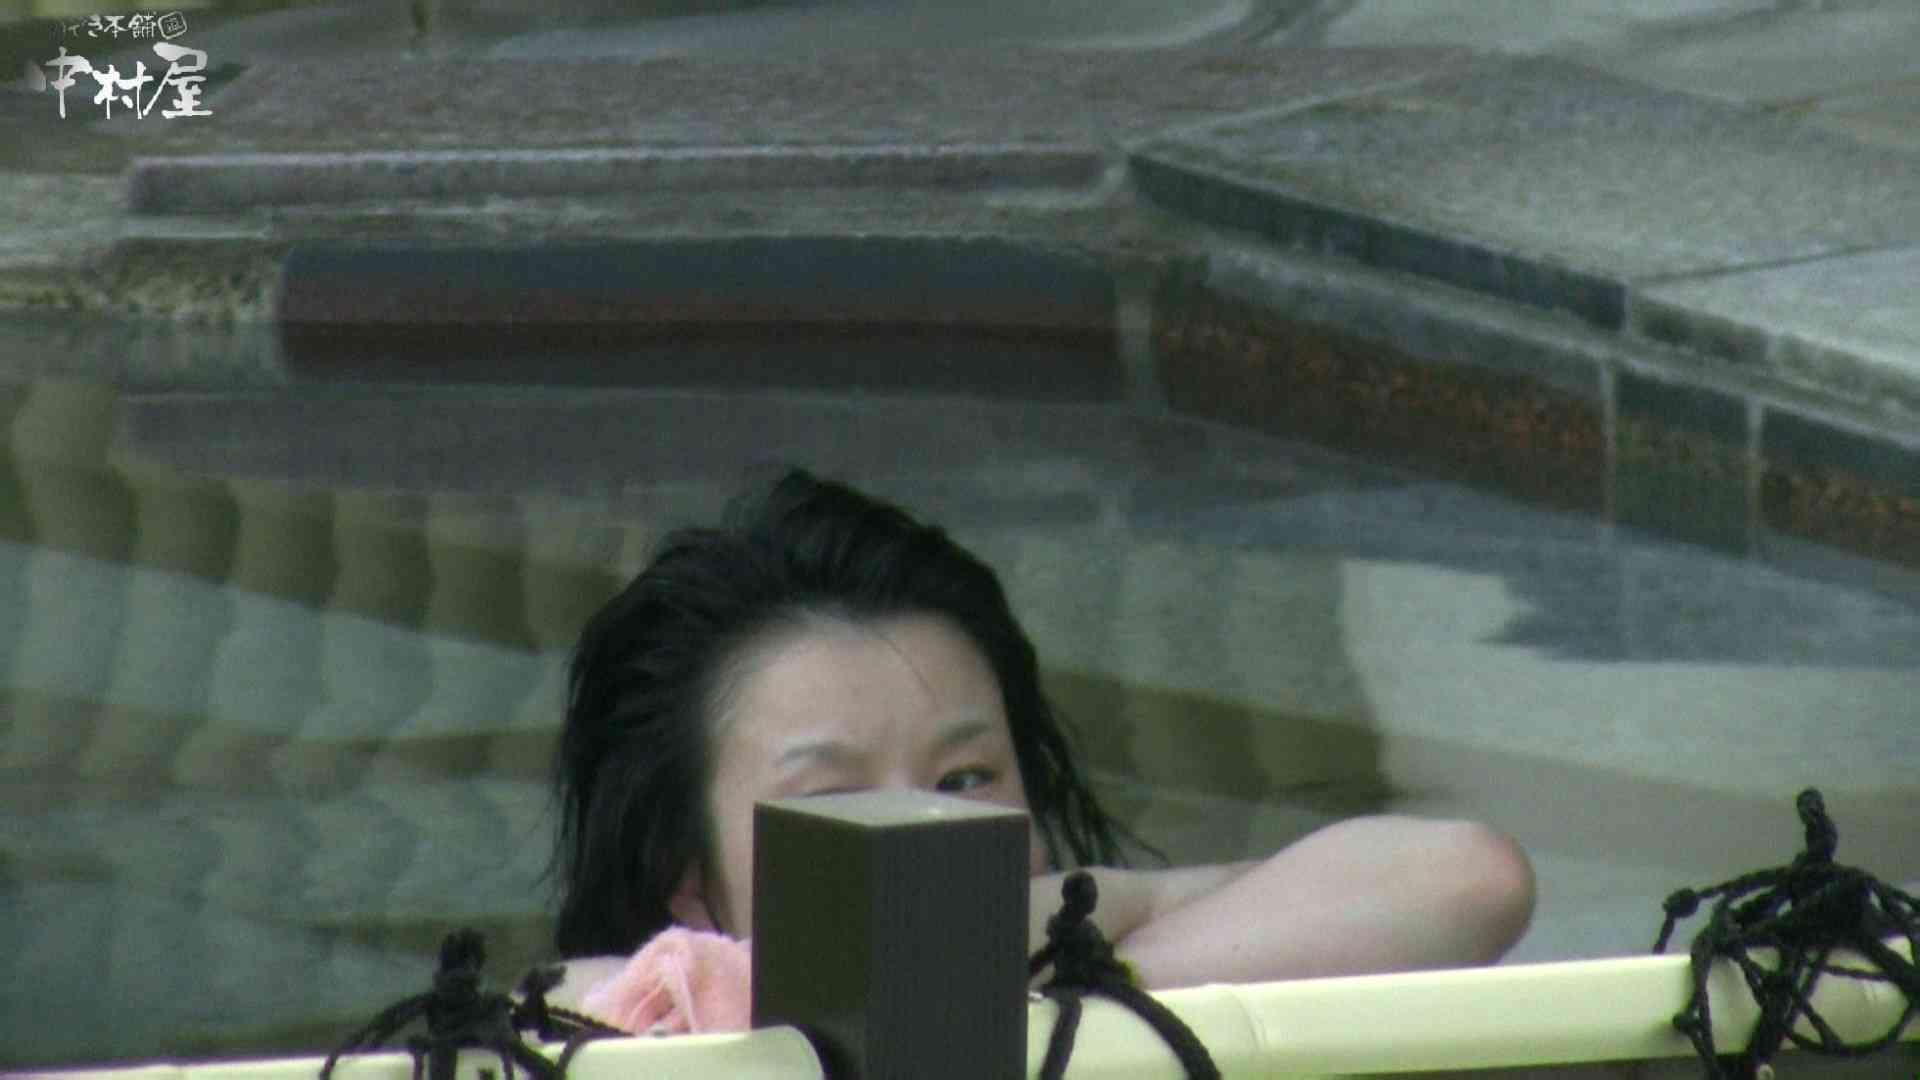 Aquaな露天風呂Vol.982 美しいOLの裸体   盗撮師作品  78pic 16